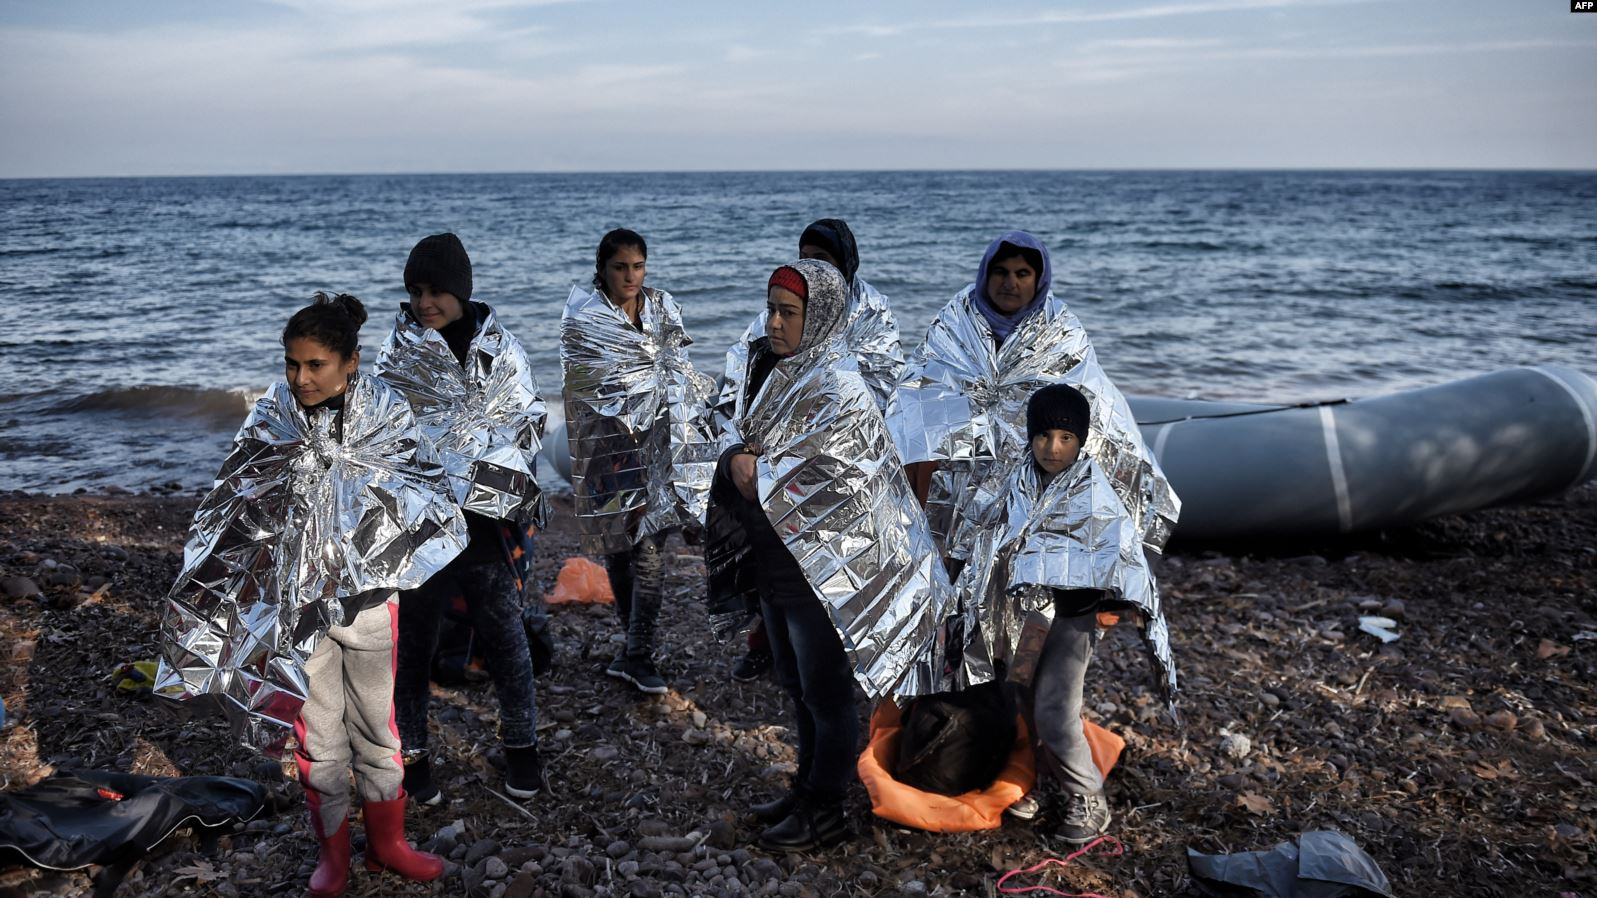 أردوغان يتلاعب بالمهاجرين ويأمر بمنعهم من العبور